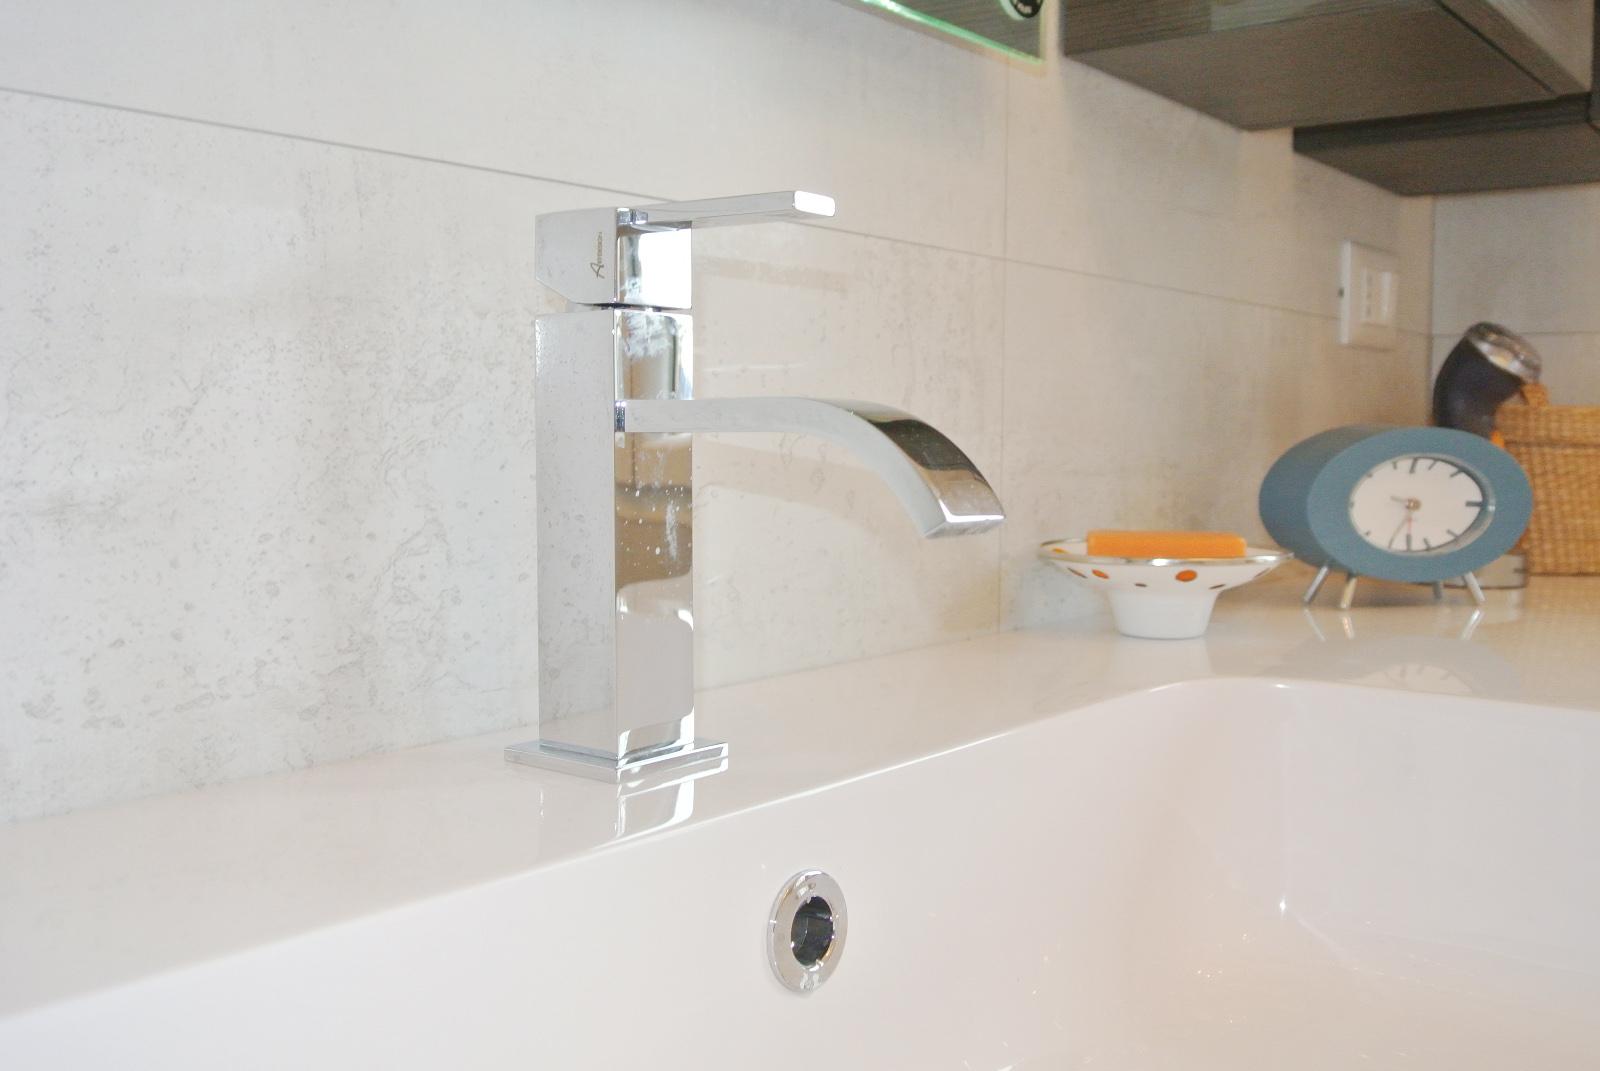 sintesibagno-verbania-canton-ticino-sviezzera-arredobagno-mobile-bagno-rubinetteria-parete-in-cristallo-piatto-doccia-filo-pavimento-radiatore-arredo-specchiera-led-06